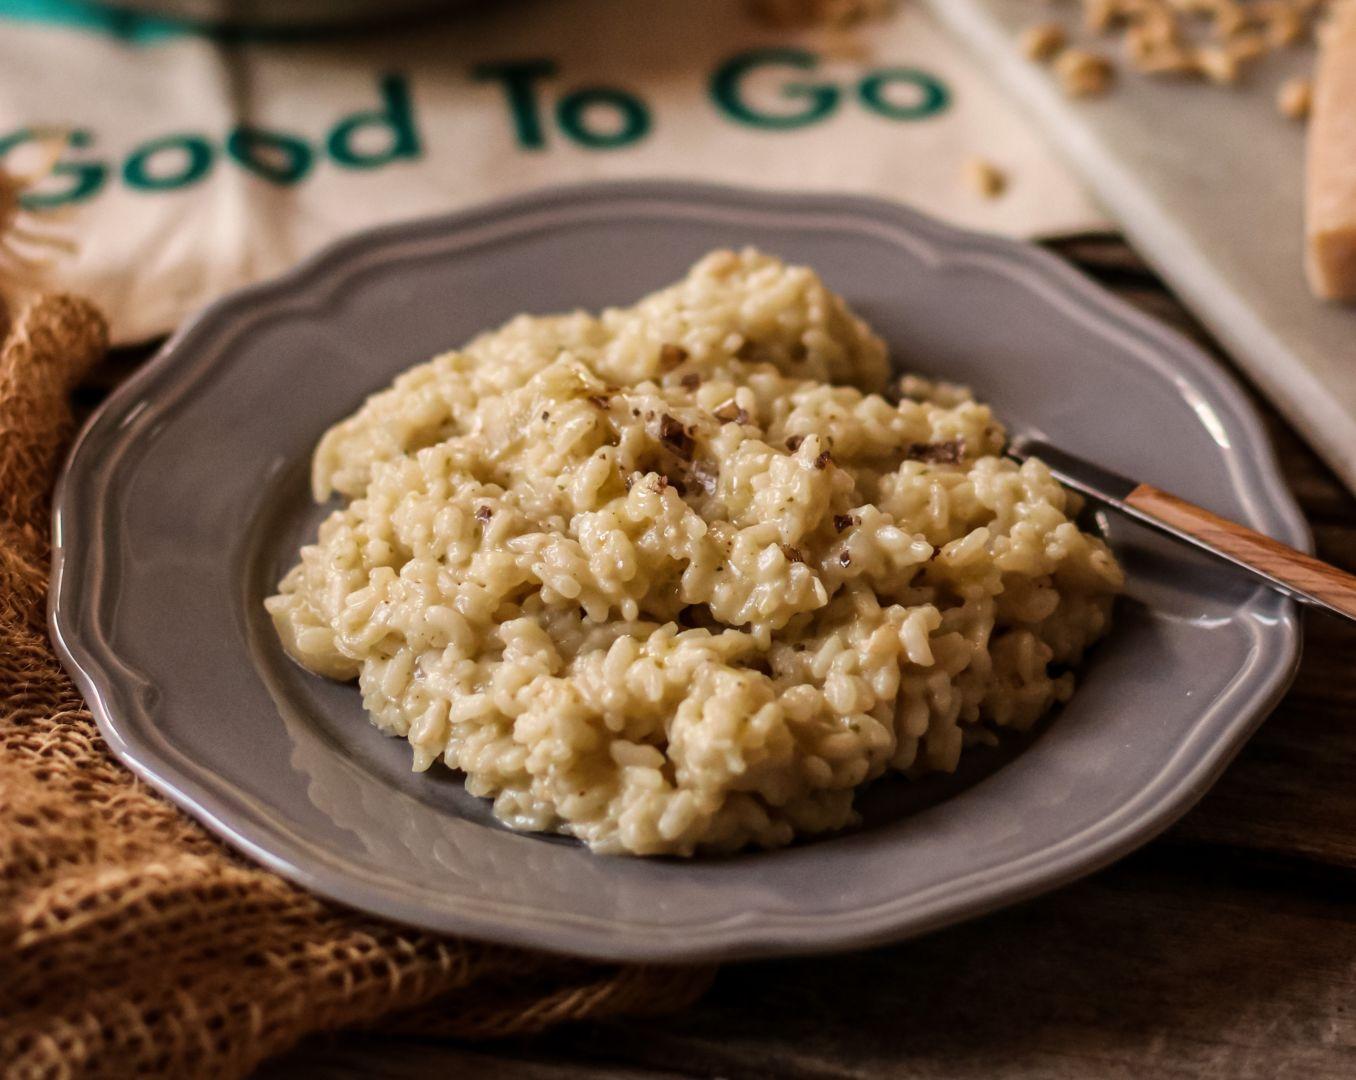 receta-de-aprovechamiento-arroz-meloso-con-queso